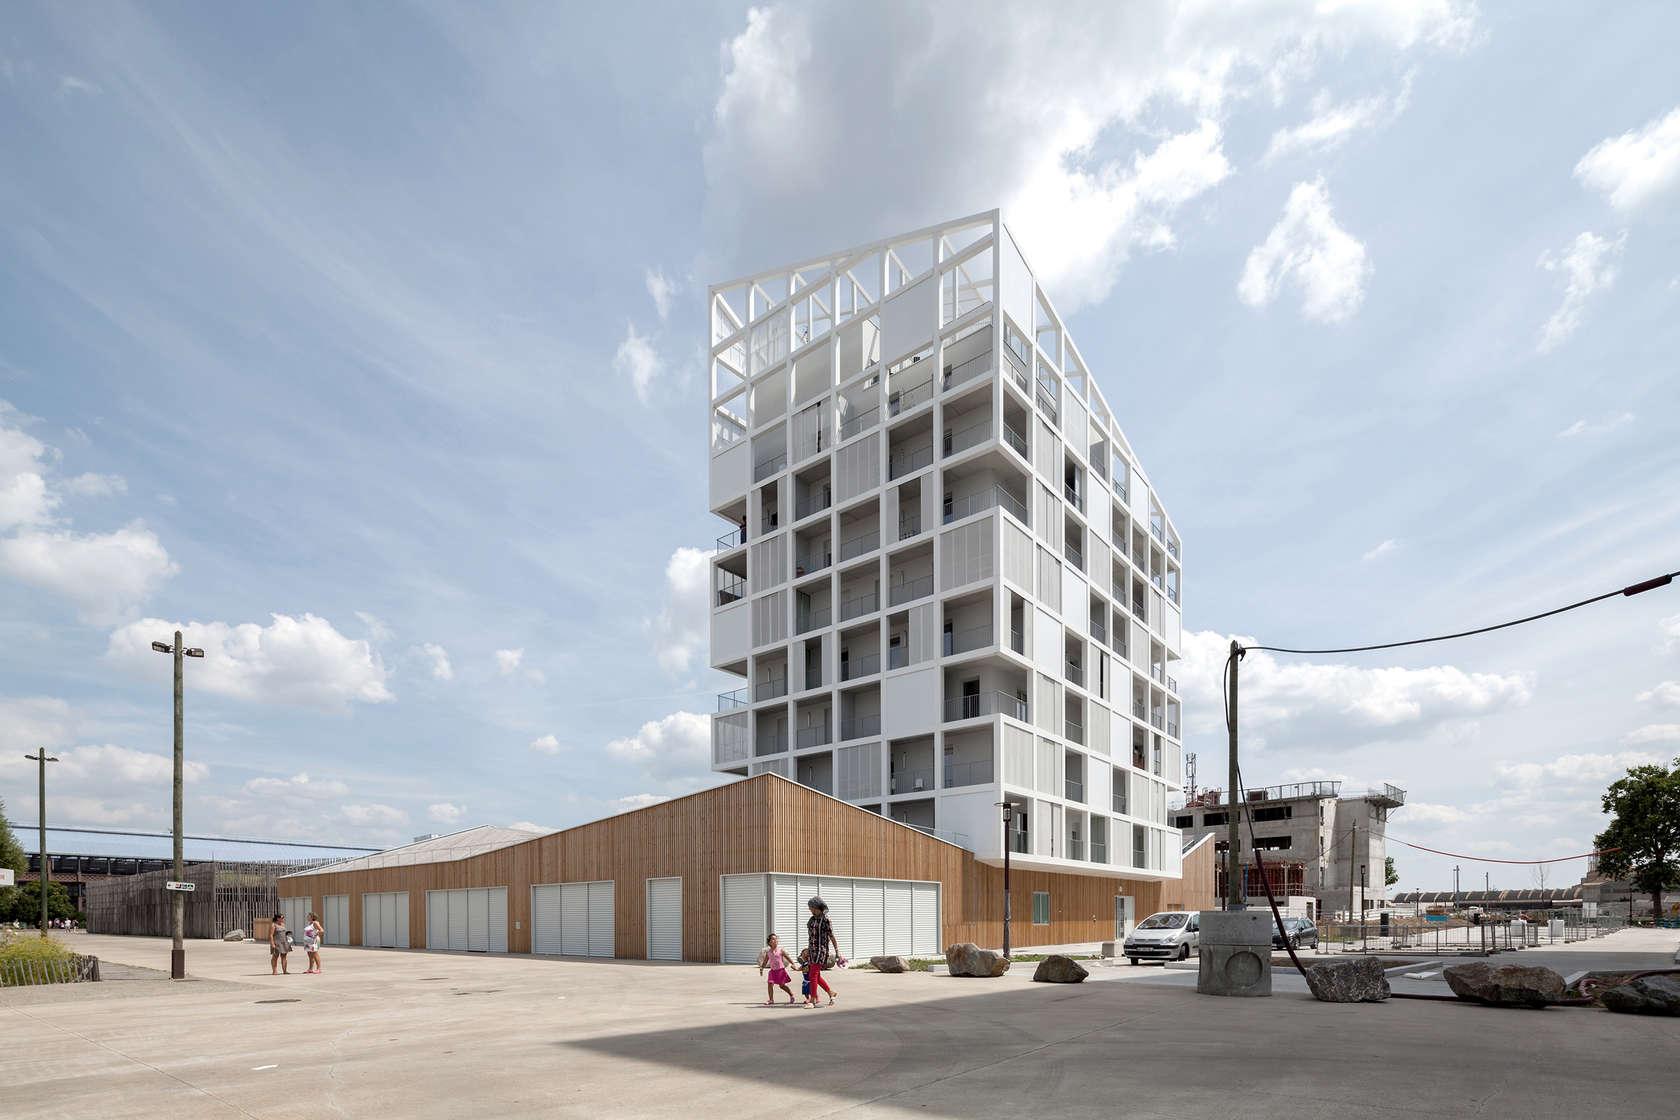 Ile de nantes oiseau des iles architizer for Architecture nantes